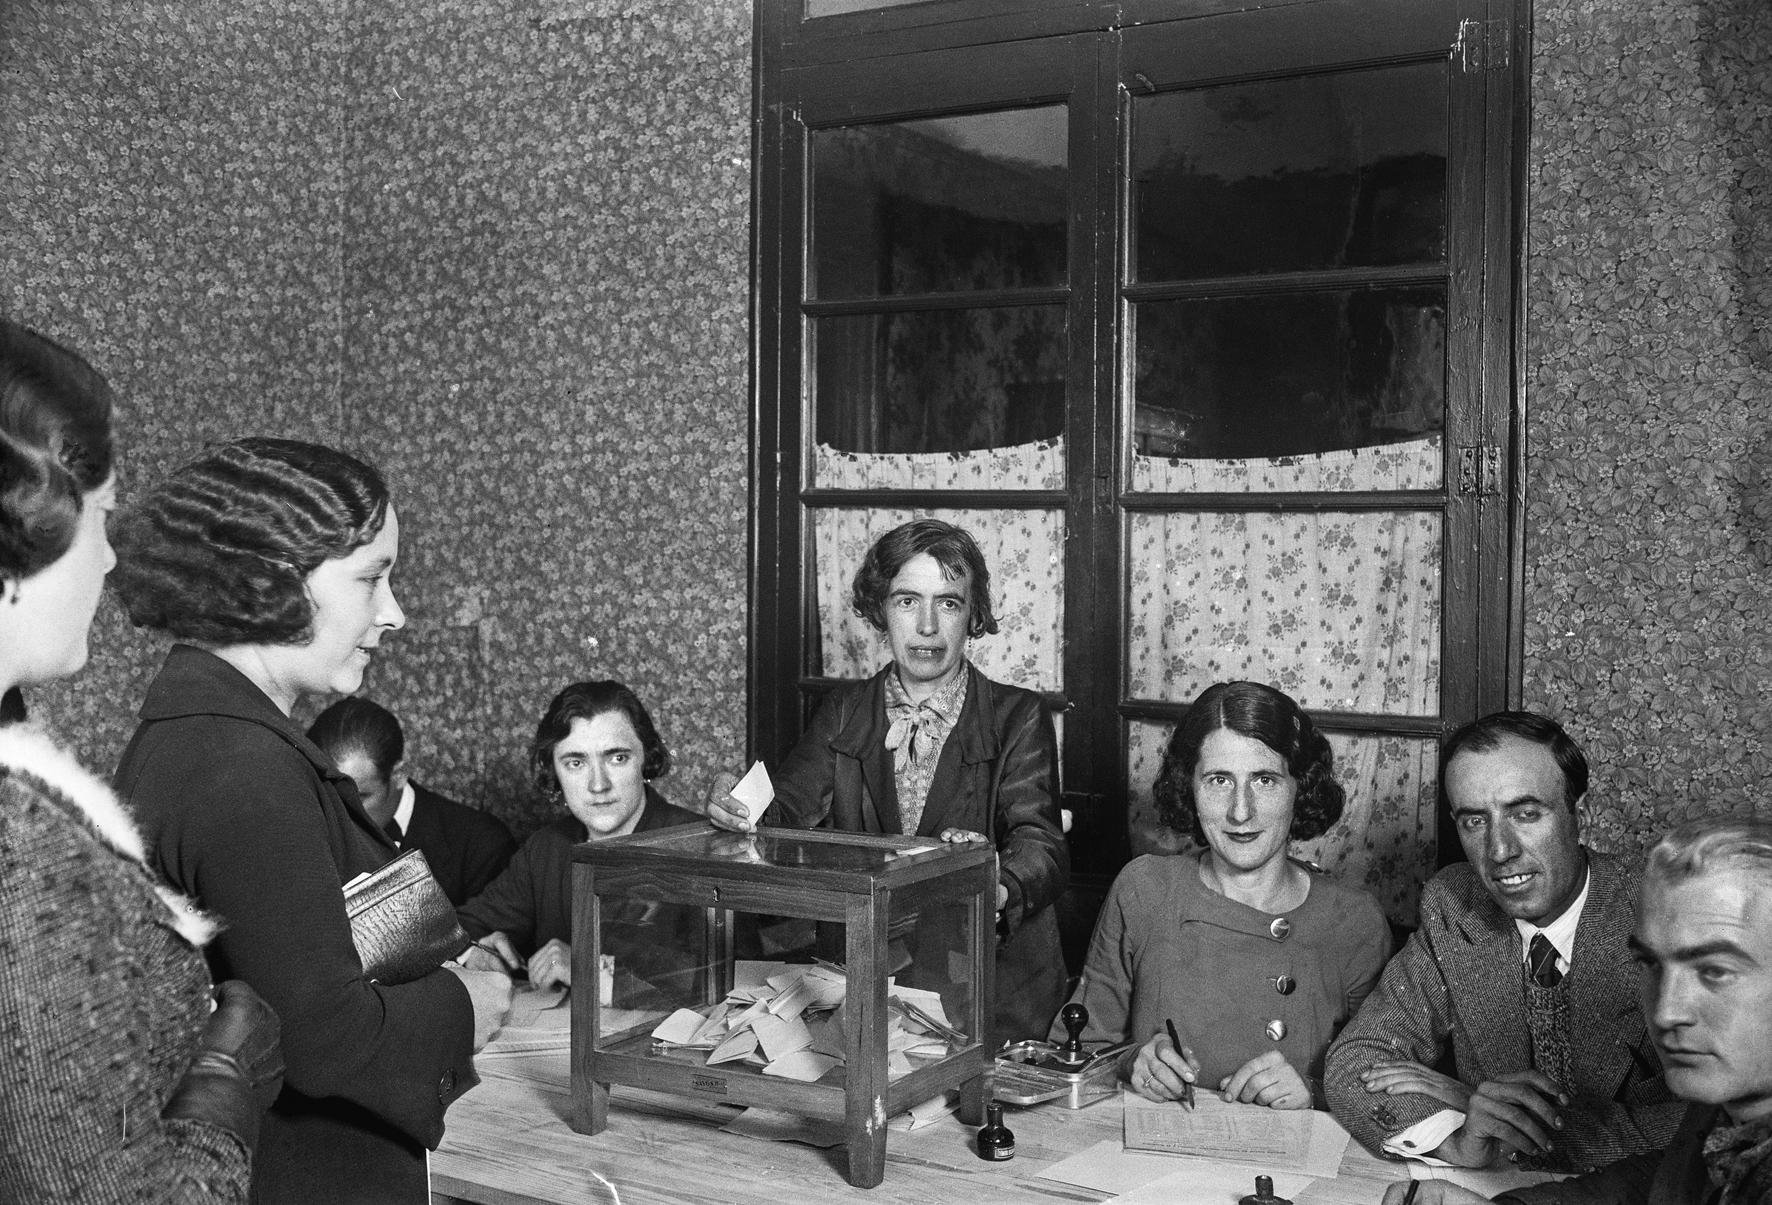 El vot femení durant la república | Arxiu Històric Fotogràfic IEFC